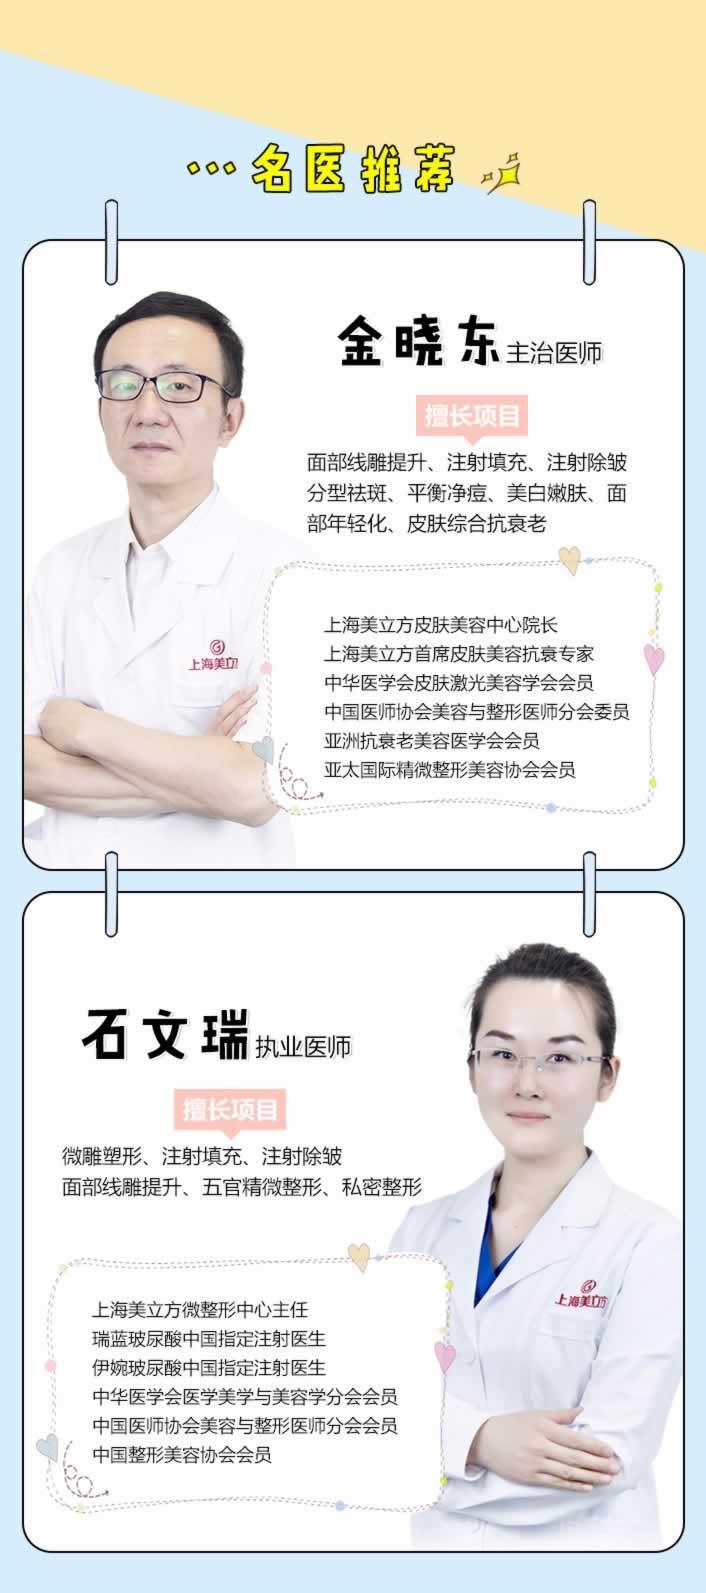 纹眉、绣眉、植眉和半长期妆容的区别????想咨询一下纹眉和种植眉毛有什么区别那个效果好!